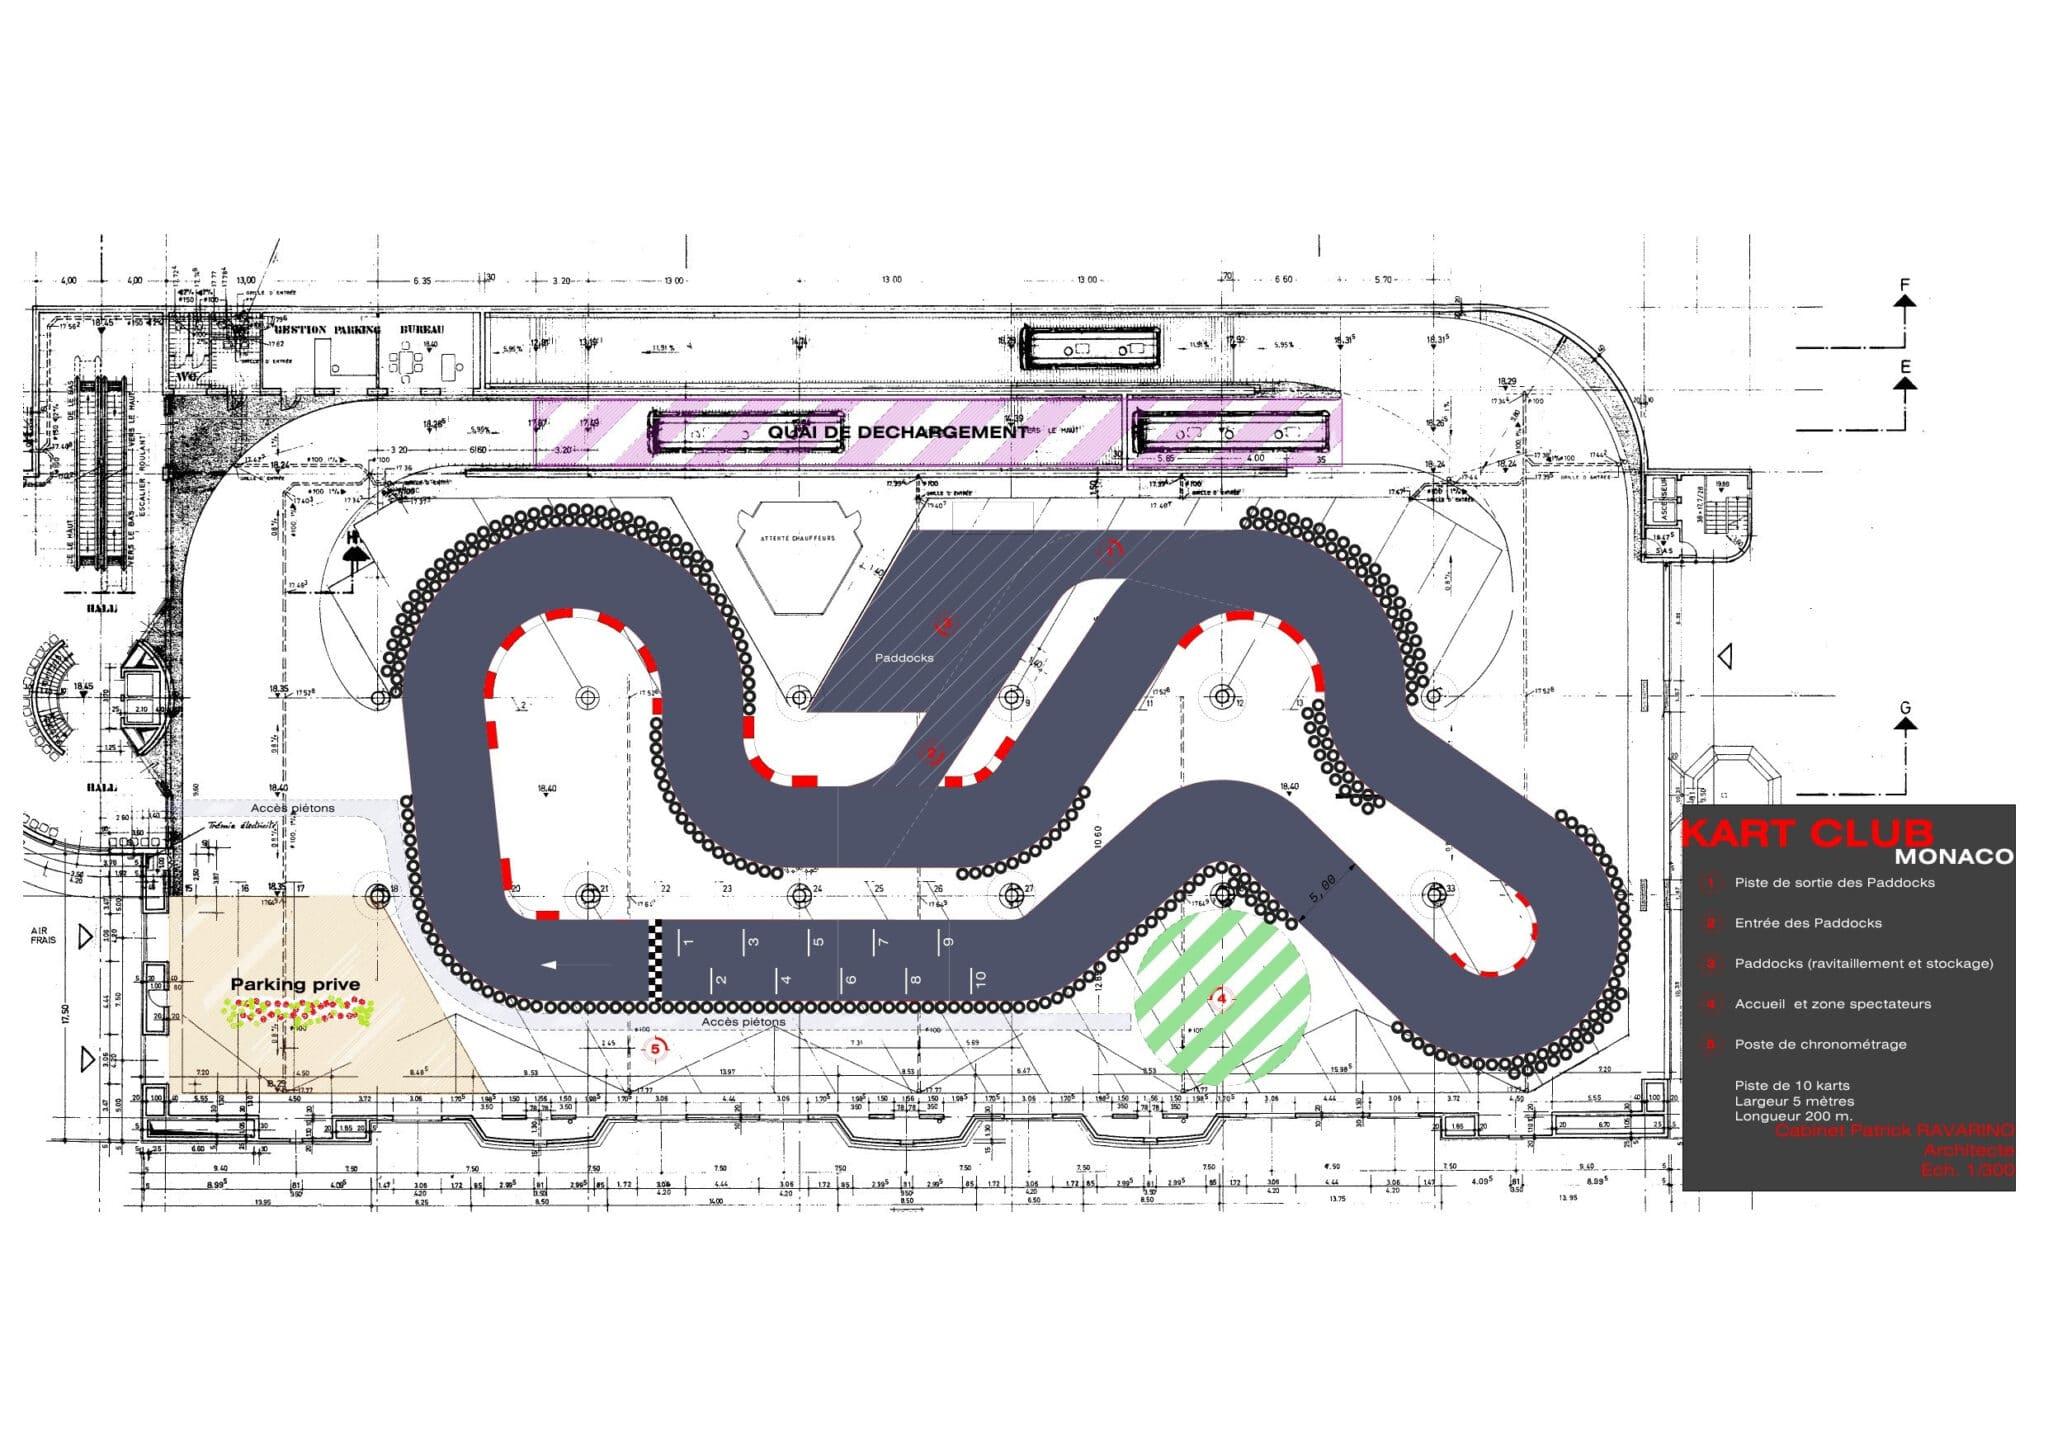 Le tracé de kart indoor monaco implanté sur 3000m2 au parking des pêcheurs